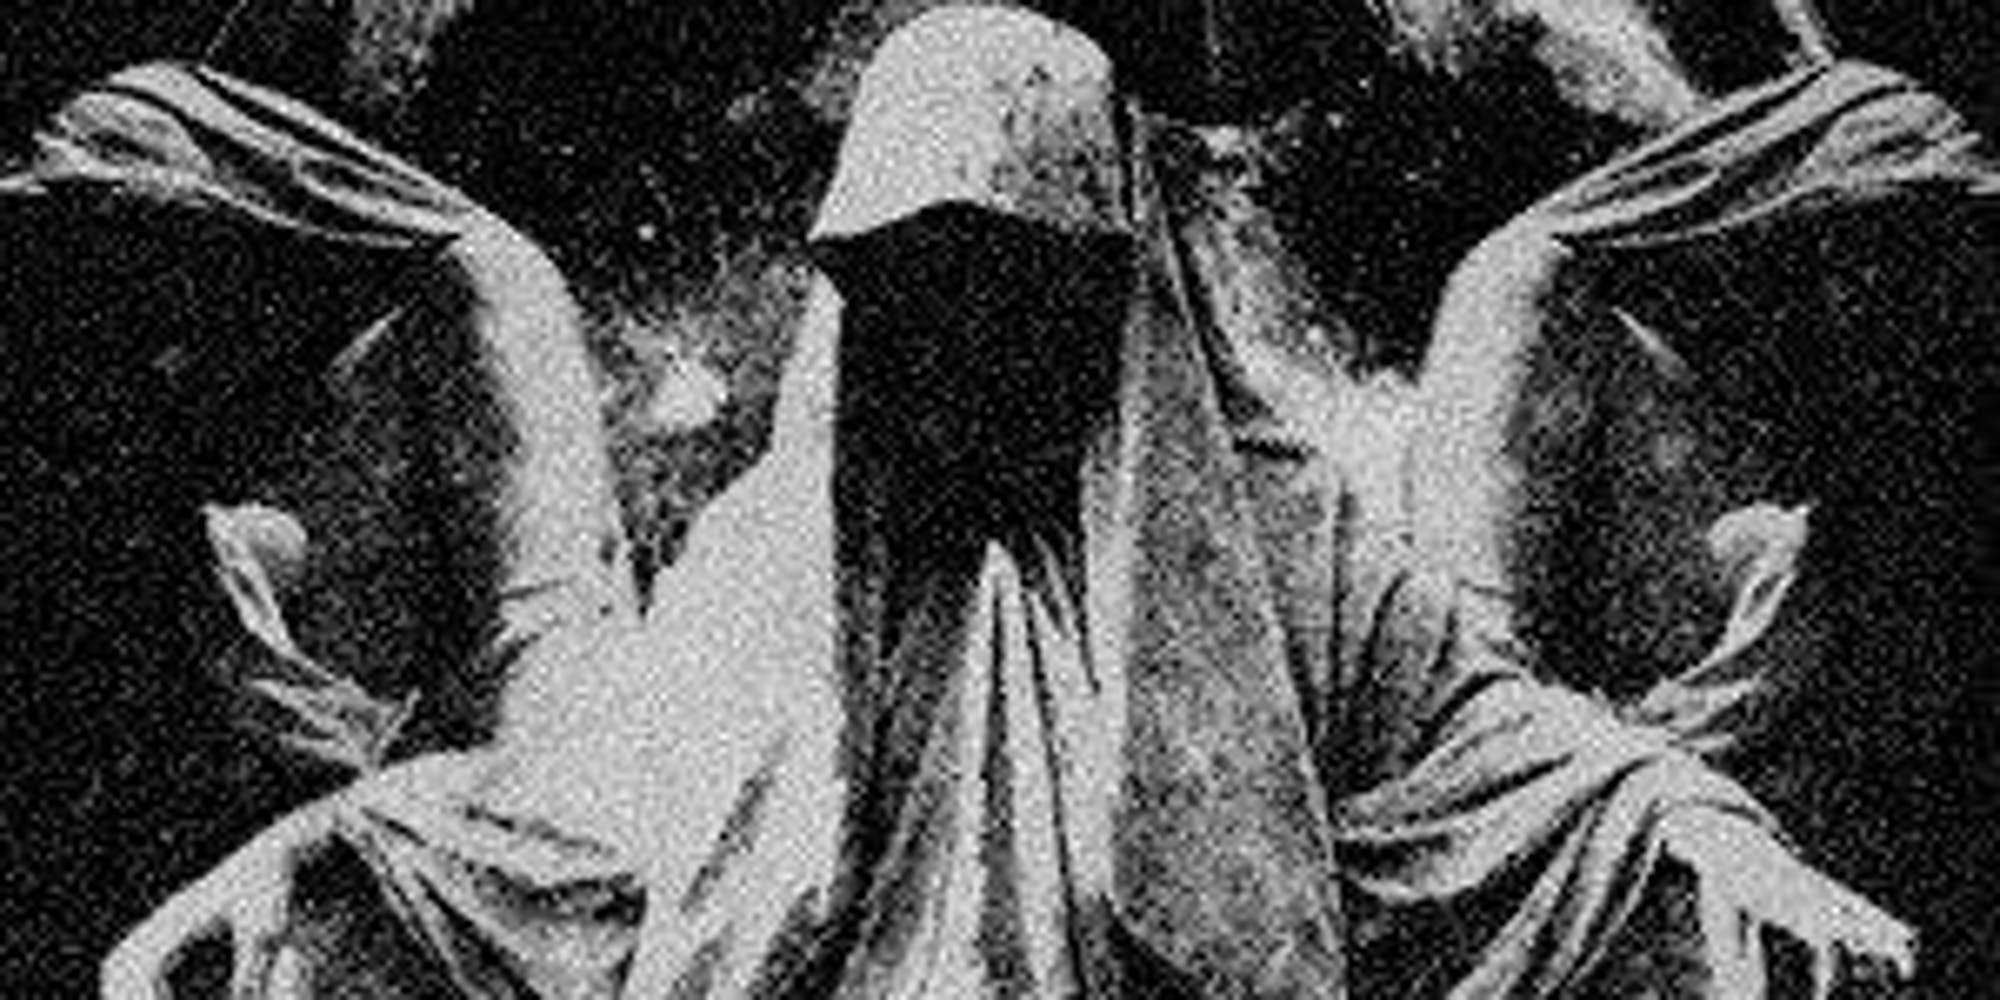 godmaker hyborian migrator ghouls